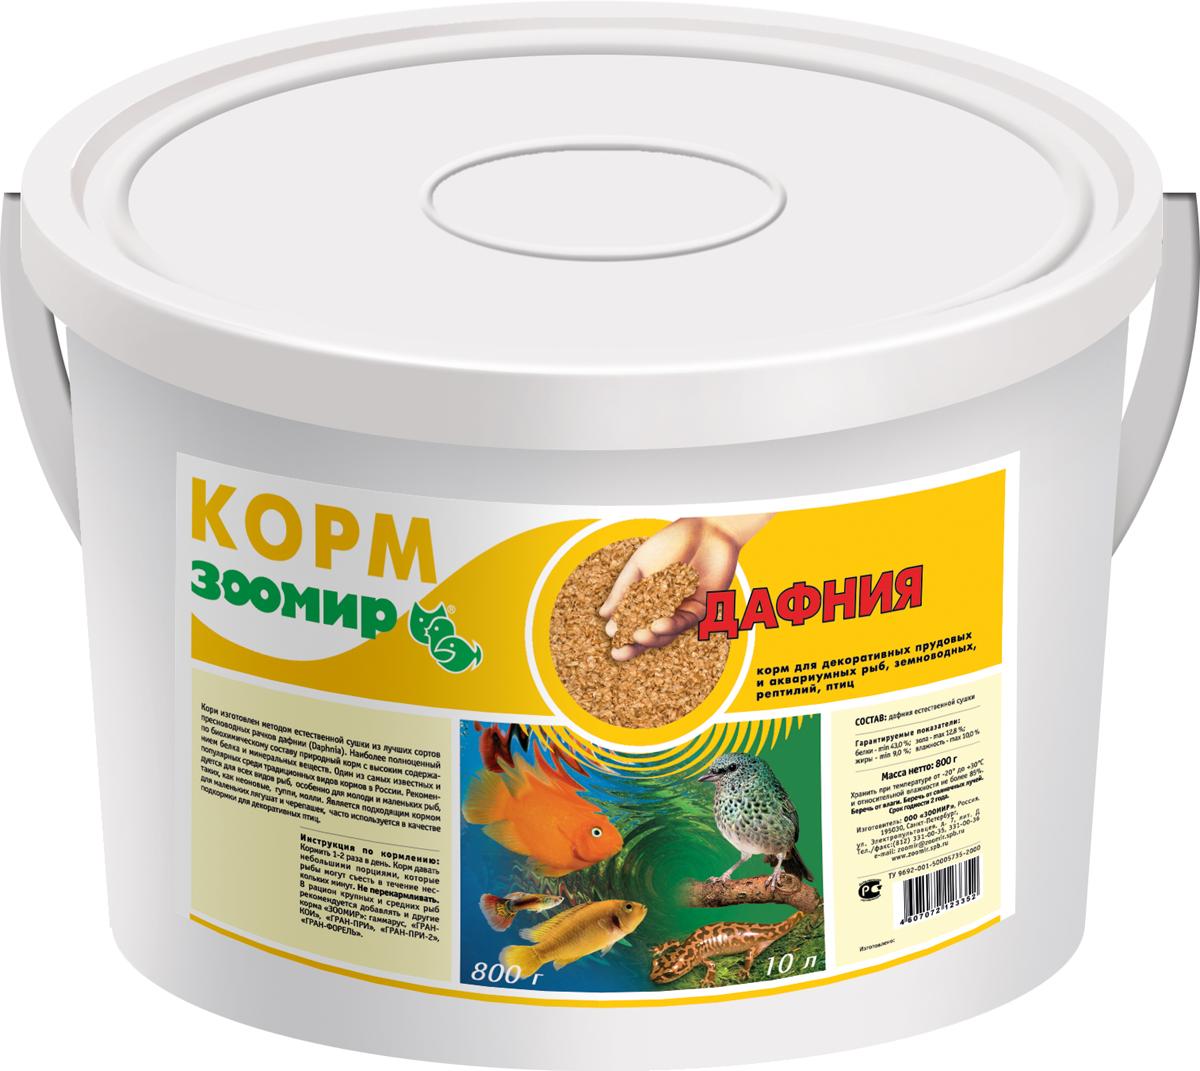 Корм для прудовых рыб Зоомир Дафния, 10 л0120710Корм изготовлен методом естественной сушки из лучших сортов пресноводных ветвистоусых рачков дафнии (Daphnia). Наиболее полноценный по биохимическому составу природный корм с высоким содержанием белка и минеральных веществ. Один из самых известных и популярных среди традиционных видов кормов в России.Рекомендуется для всех видов рыб, особенно для молоди и маленьких рыб, таких, как неоновые, гуппи, молли. Является подходящим кормом для маленьких лягушат и черепашек, часто используется в качестве подкормки для декоративных птиц.Дафнии считаются одним из лучших кормов для некрупных видов рыб, а так же молоди практически всех видов. На рыбоводных заводах их разводят на корм молоди осетровых и лососевых рыб. Дафний заготавливают, высушивая на полотнищах ткани. Сухая дафния - очень полезная подкормка для декоративных и домашних птиц.Состав: дафния естественной сушки. Товар сертифицирован.